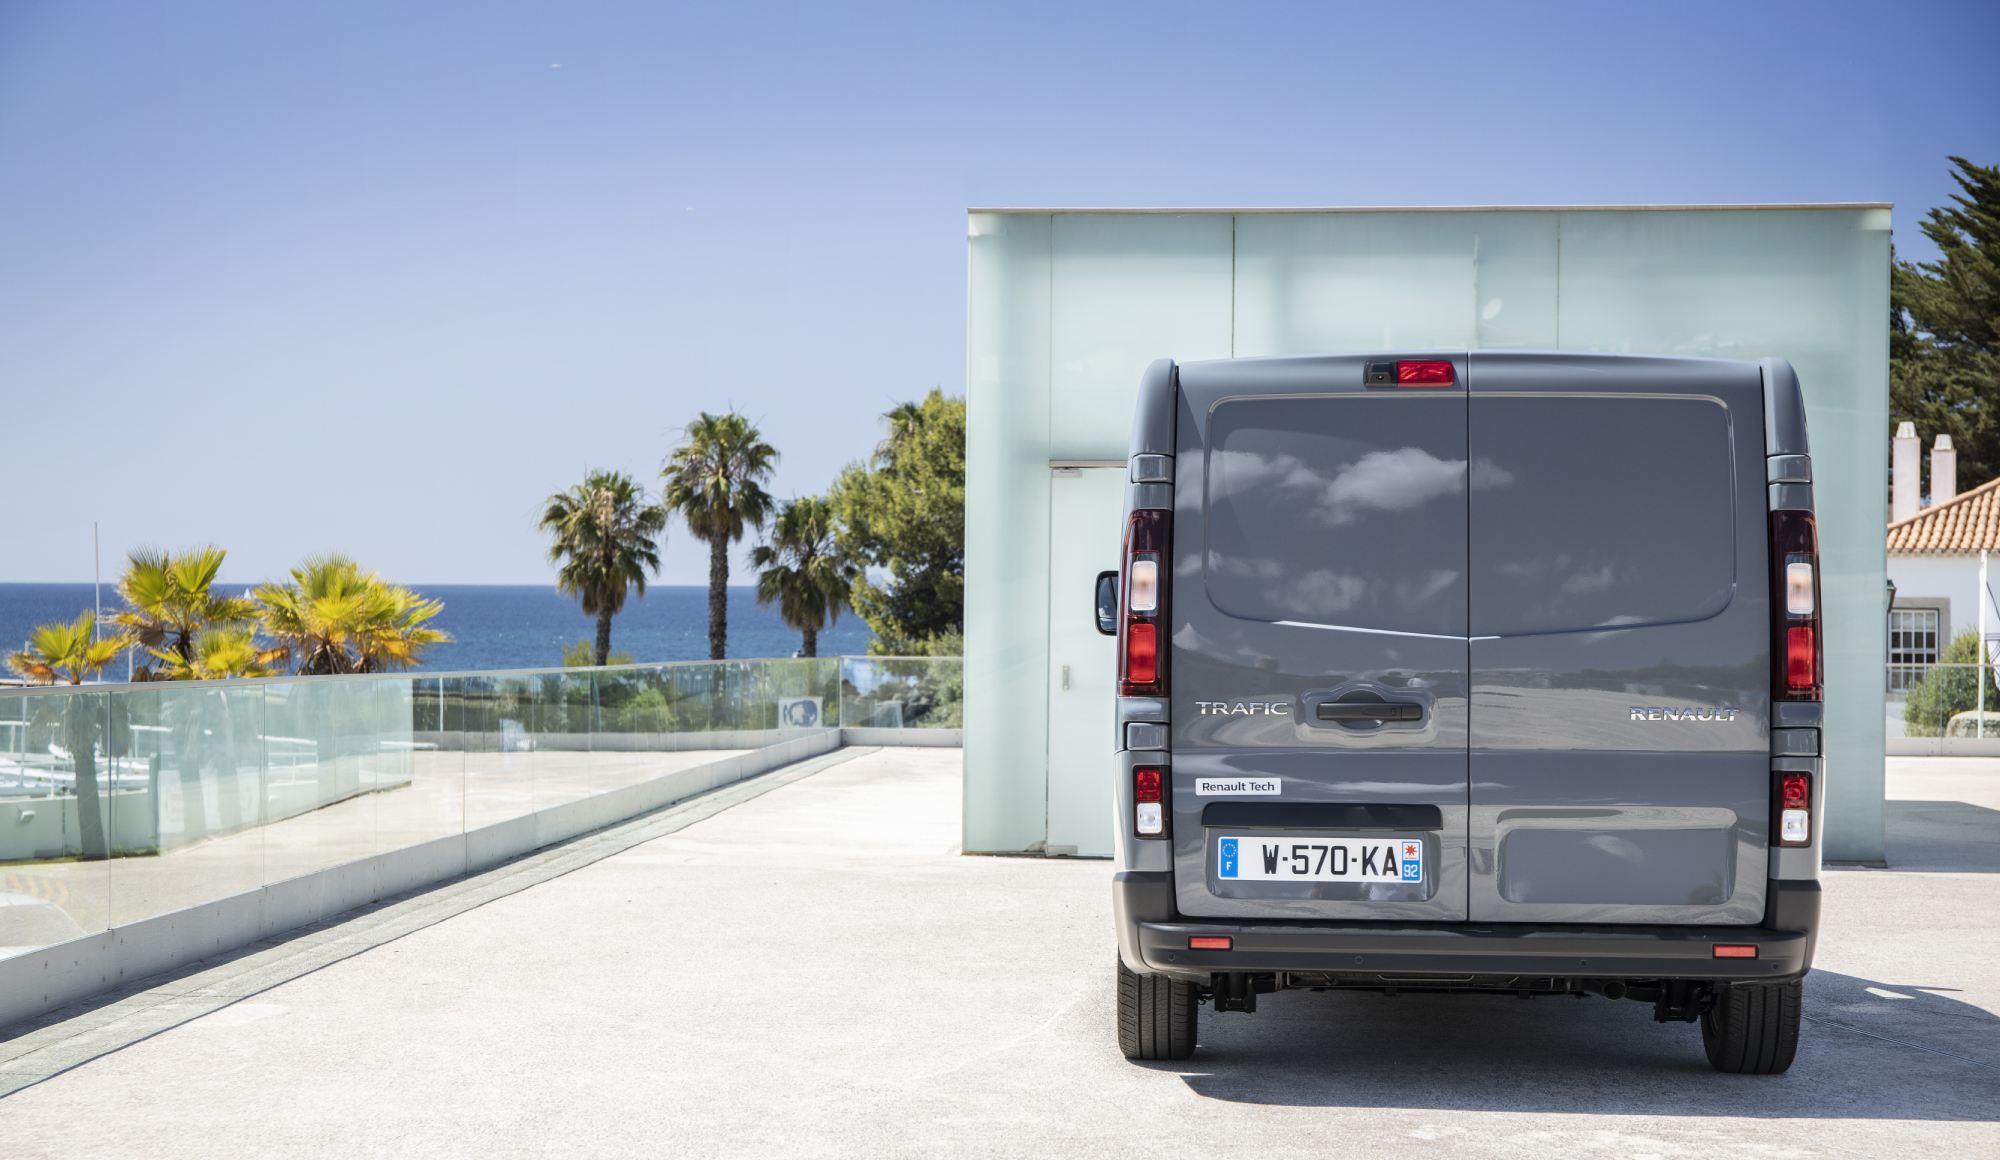 Ce qu'il faut savoir avant d'acheter son véhicule utilitaire à La Réunion